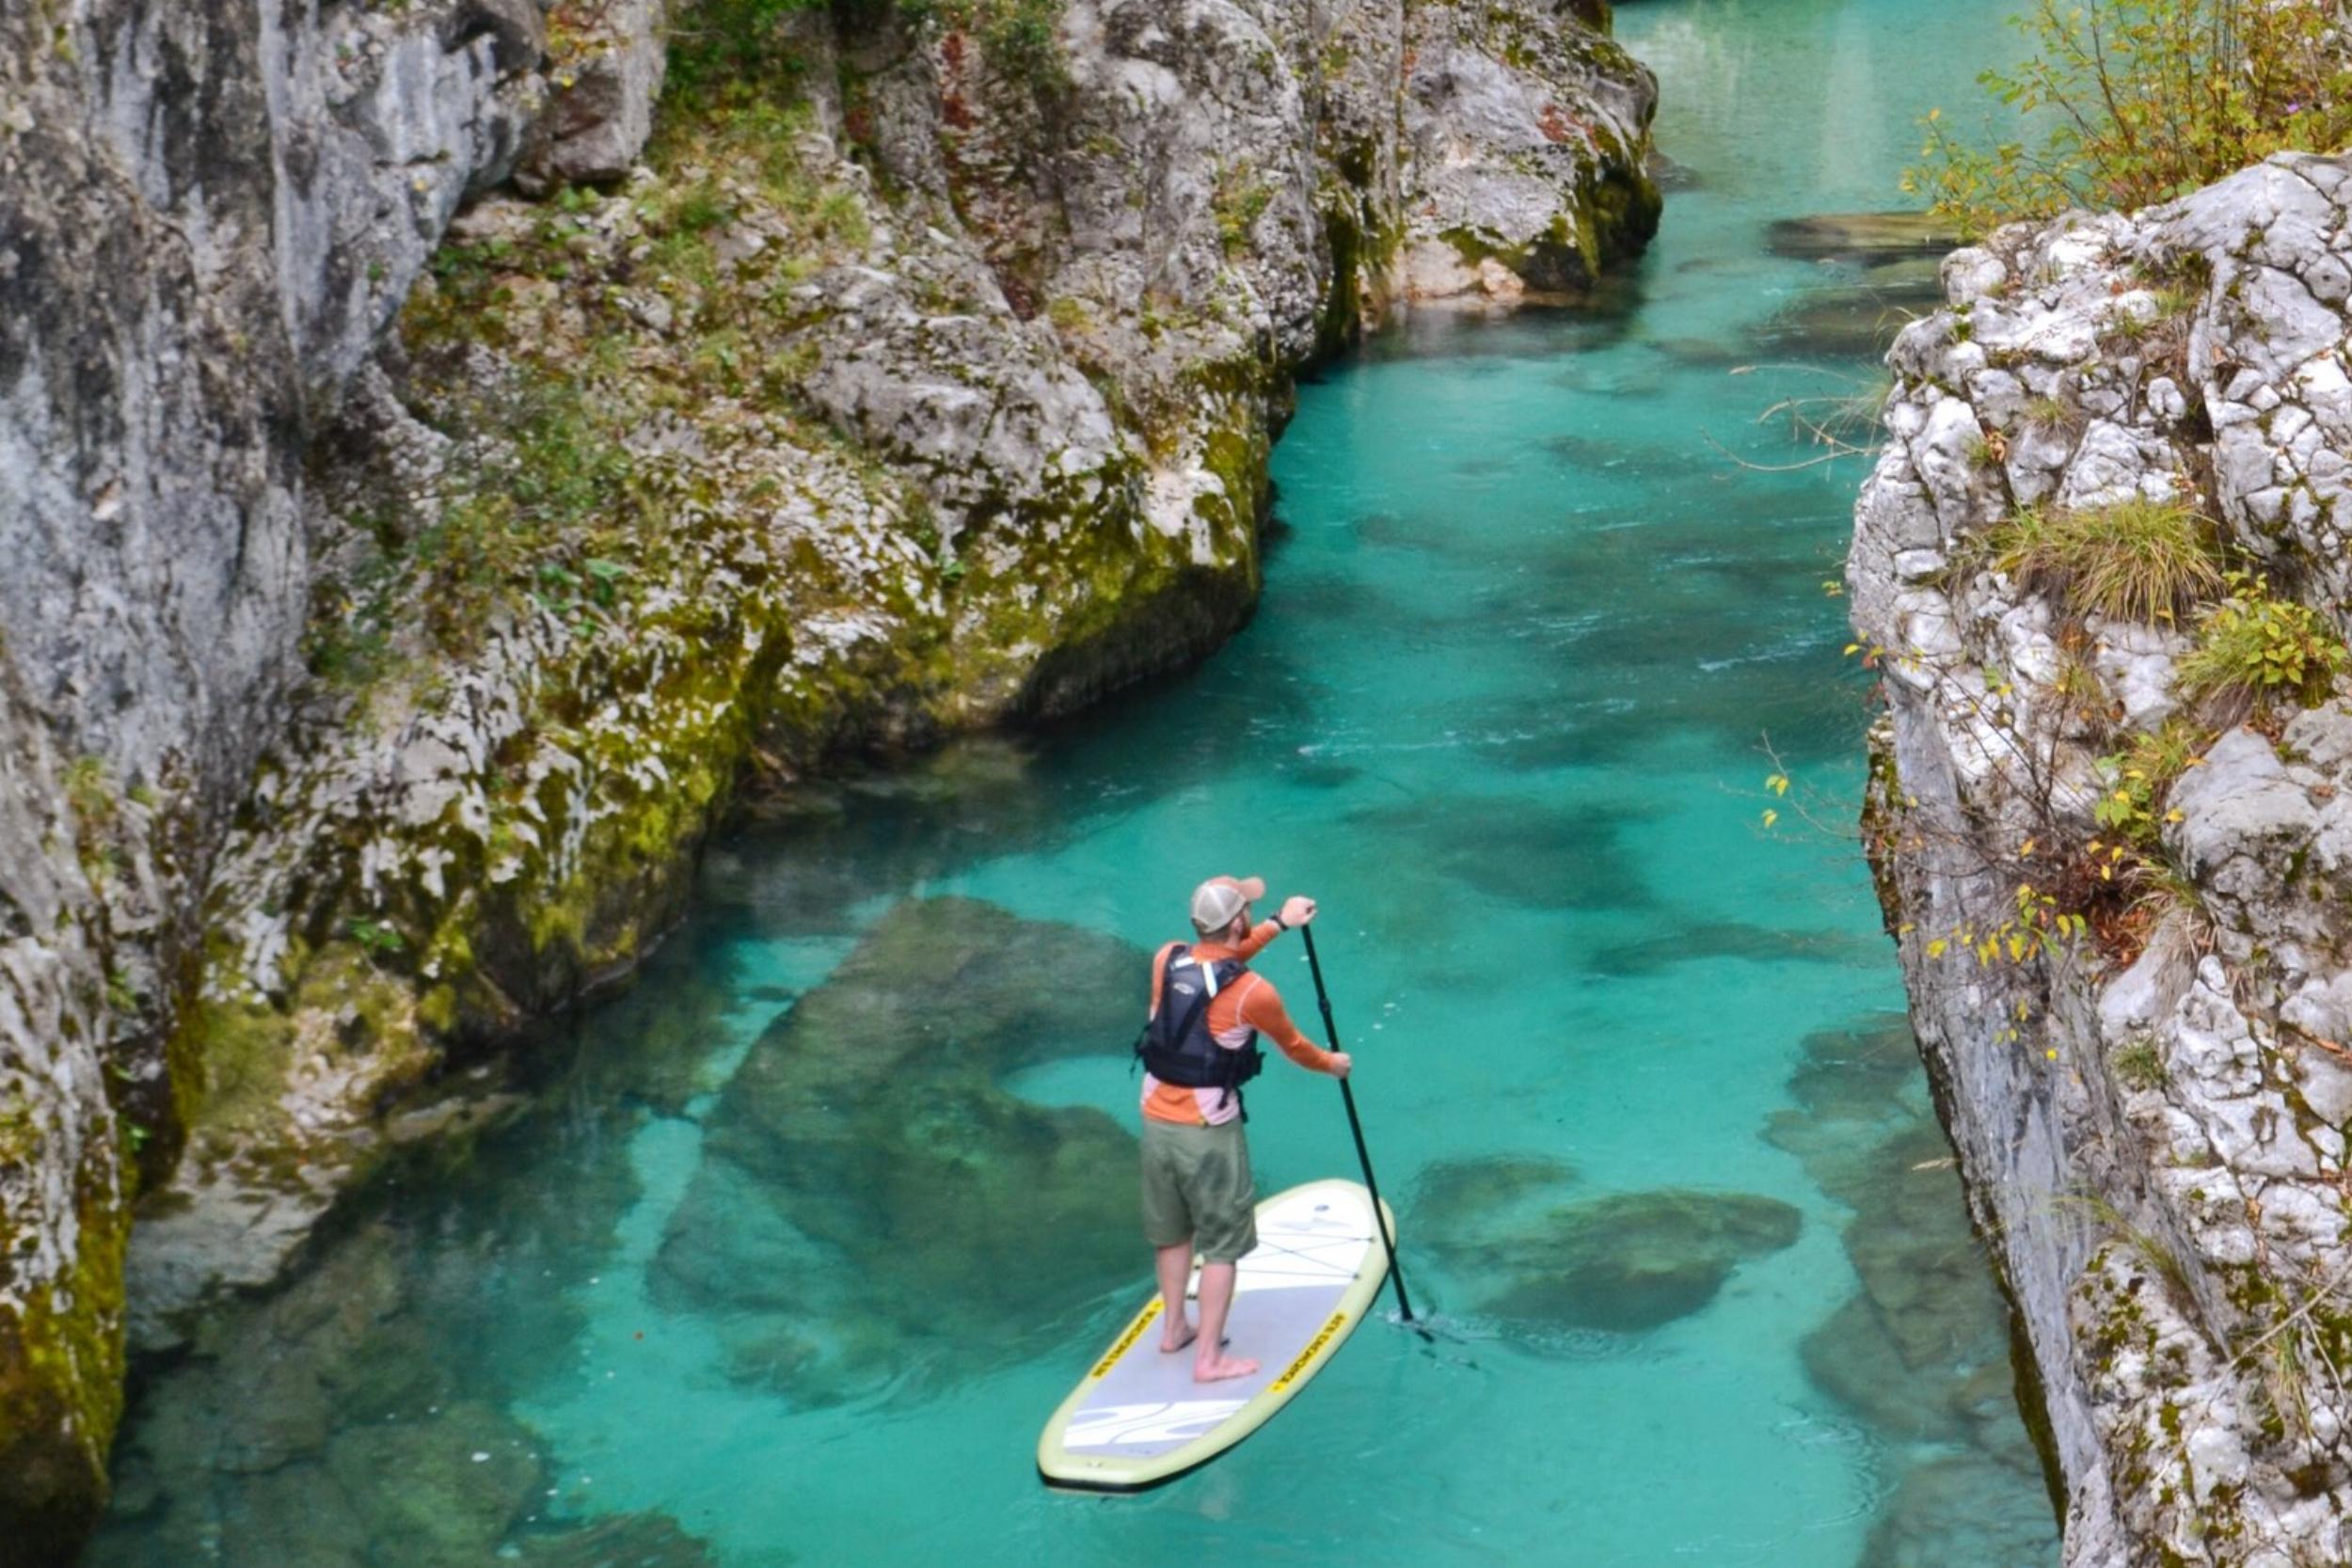 Ben morton_soca river,slovenia_dan ives.jpeg